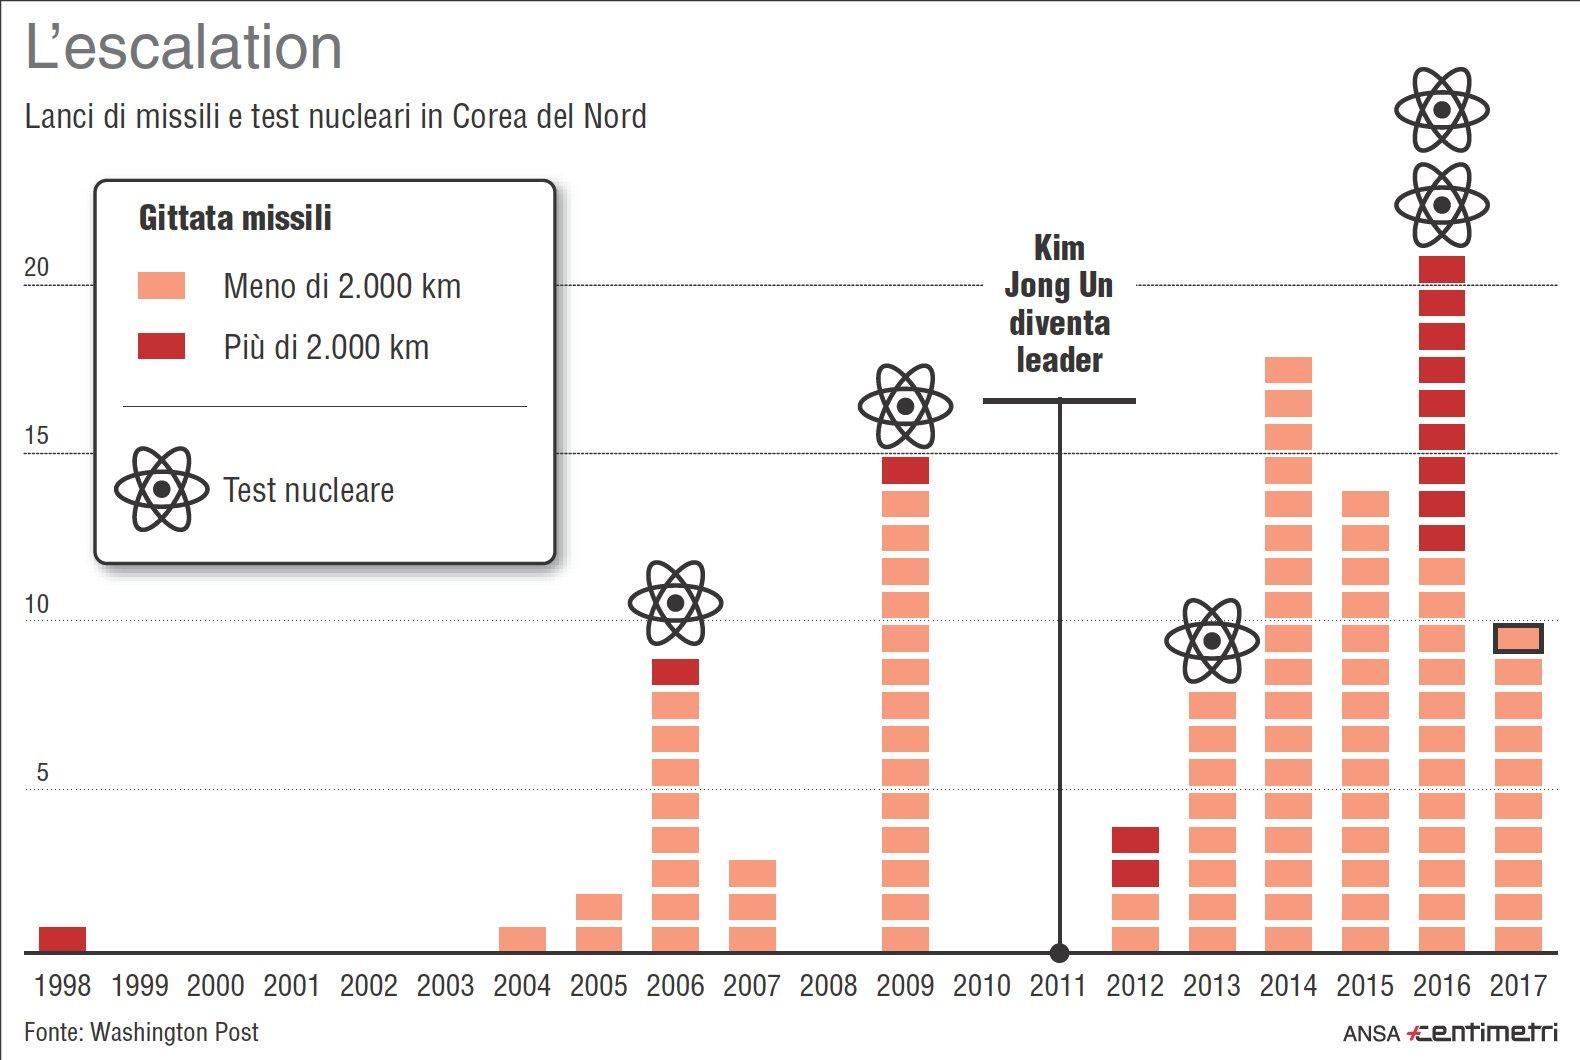 Corea del Nord, lancio di missili e test nucleari dal 1998 a oggi